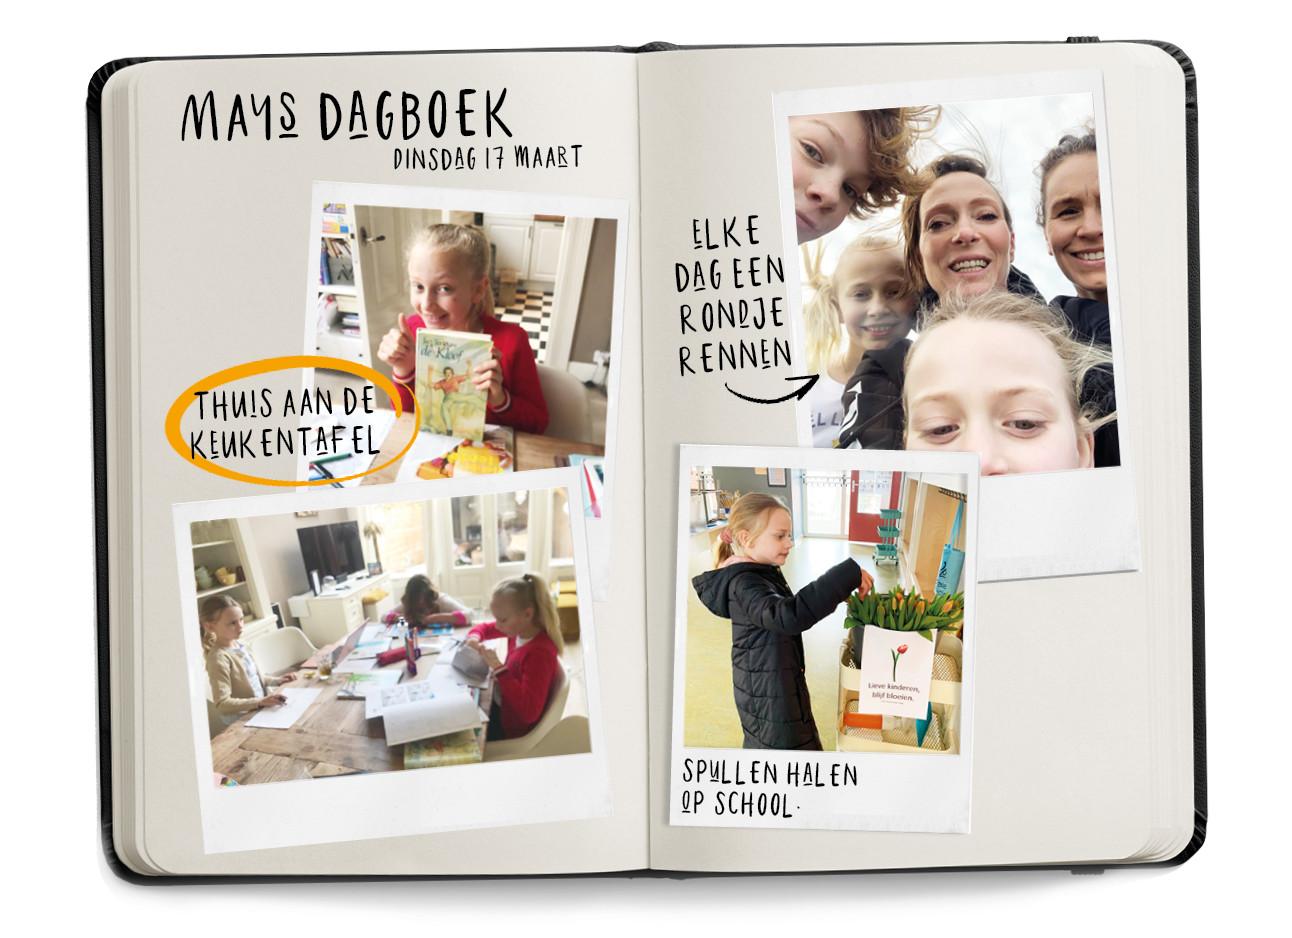 mays dagboek met de kinderen thuis